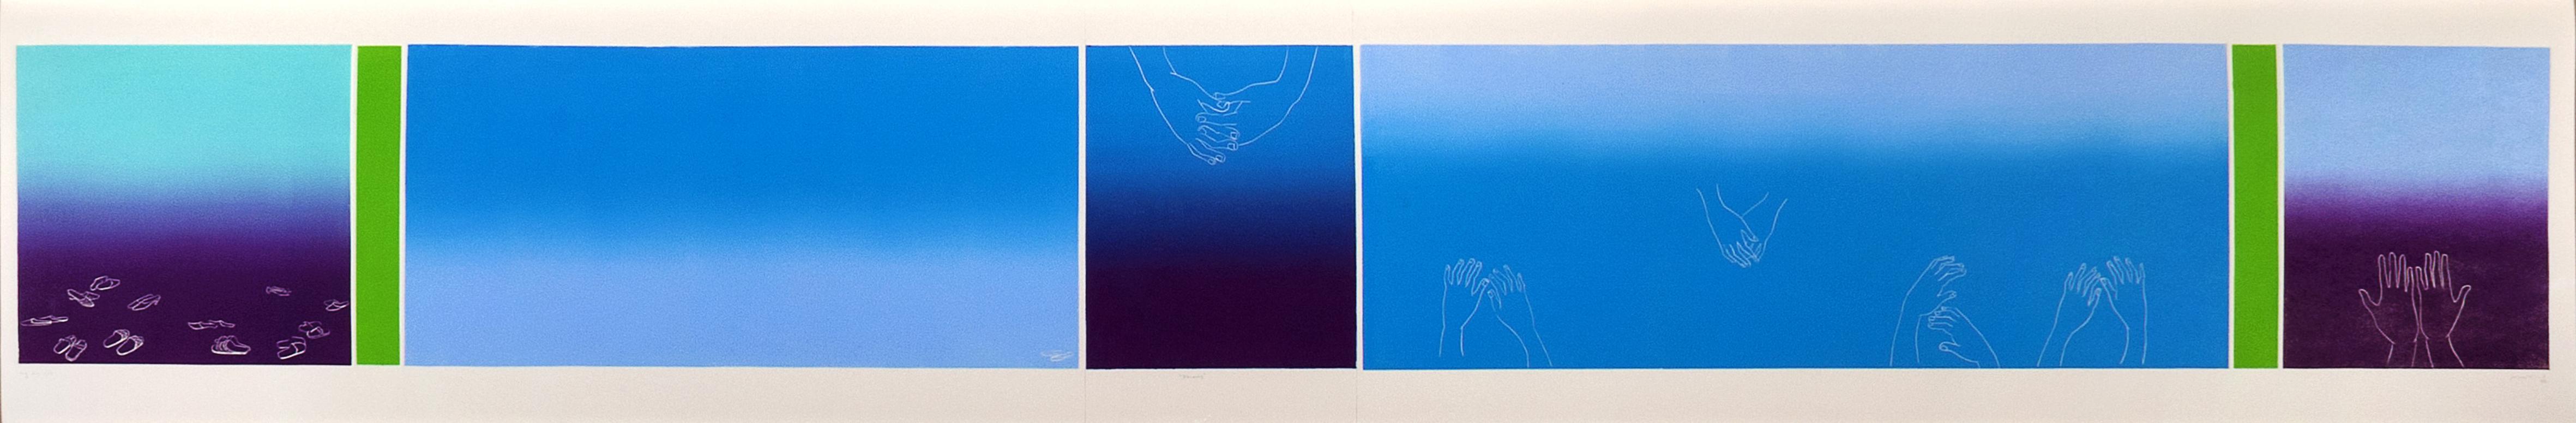 Benares, 2007, barvni linorez / colour linocut, 36,5 x 210 cm